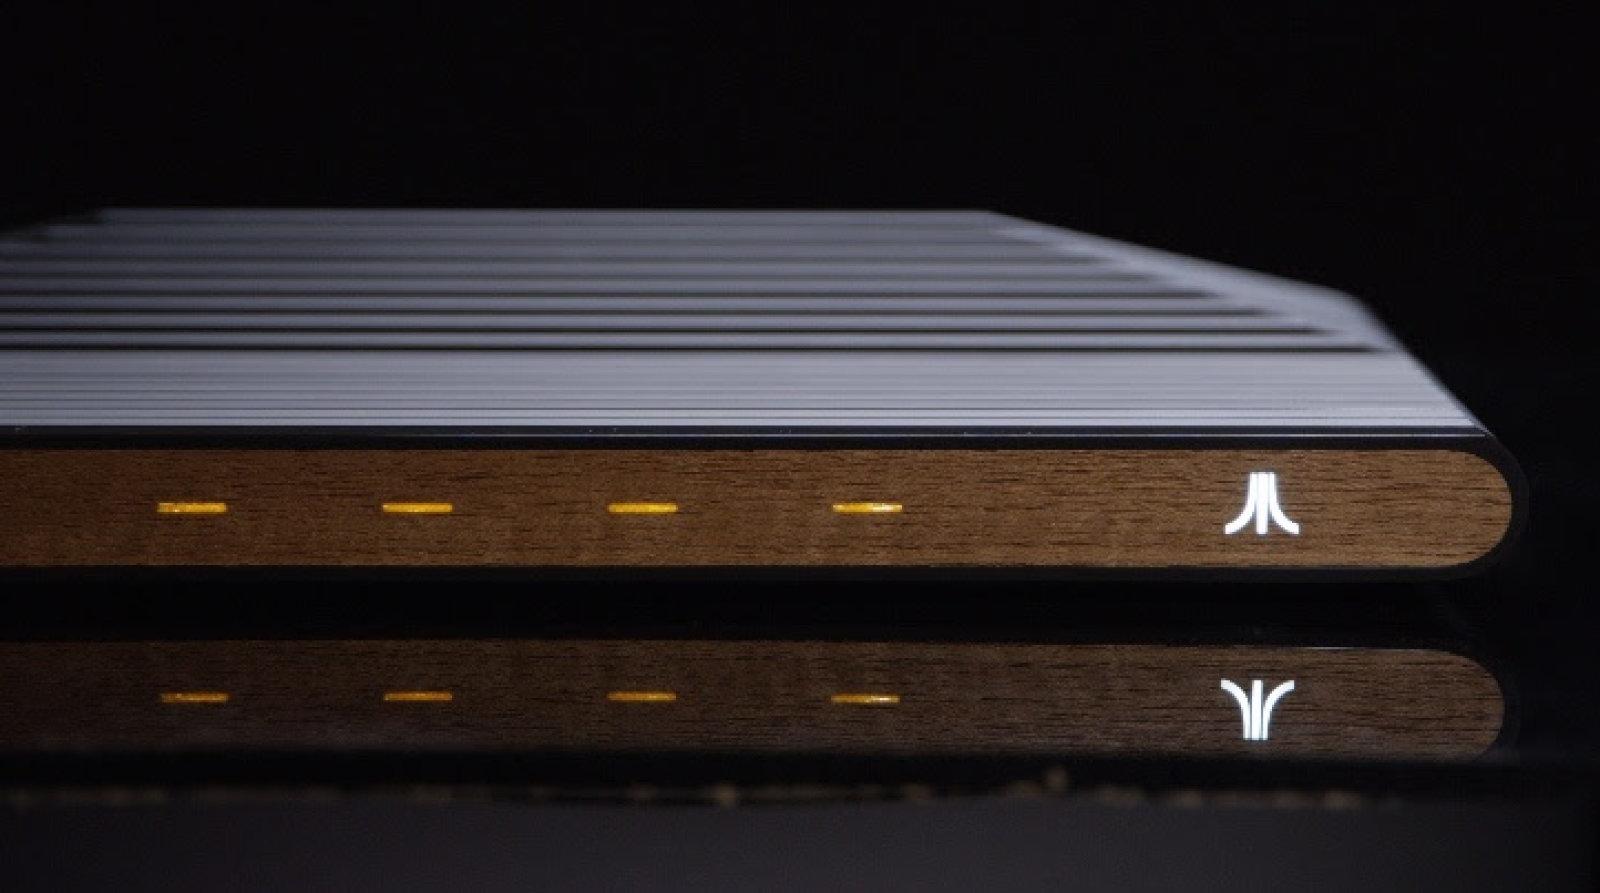 La Ataribox se pondrá a la venta el año que viene por unos 300 dólares